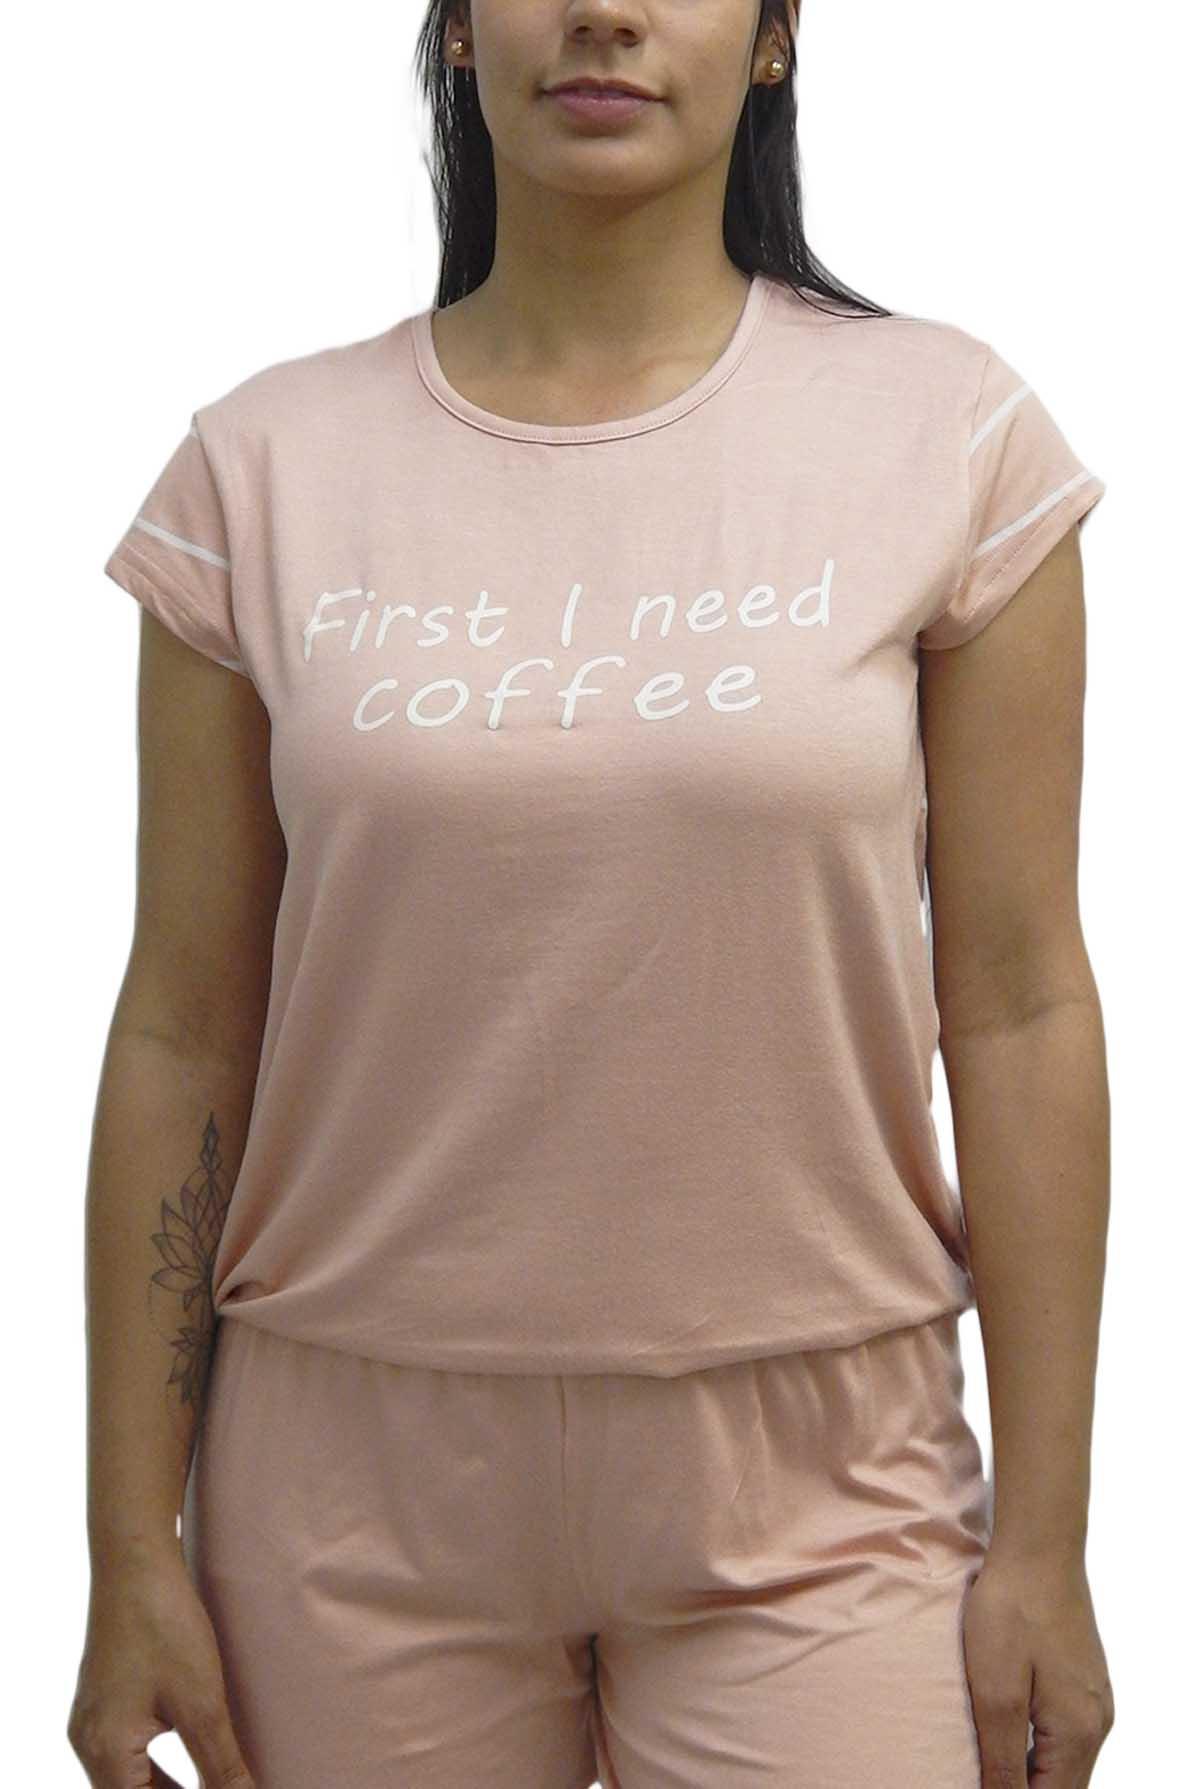 Pijama Feminino Manga Curta com Bermuda Estampa ''First I Need Coffee'' (Primeiro Eu Preciso De Café) - Rosemari